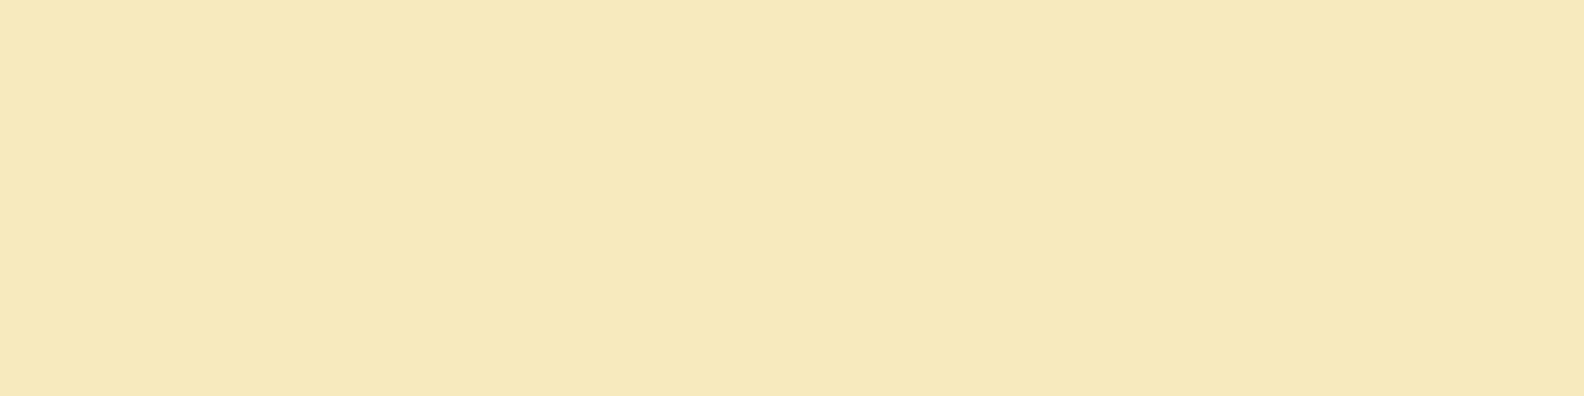 1584x396 Lemon Meringue Solid Color Background